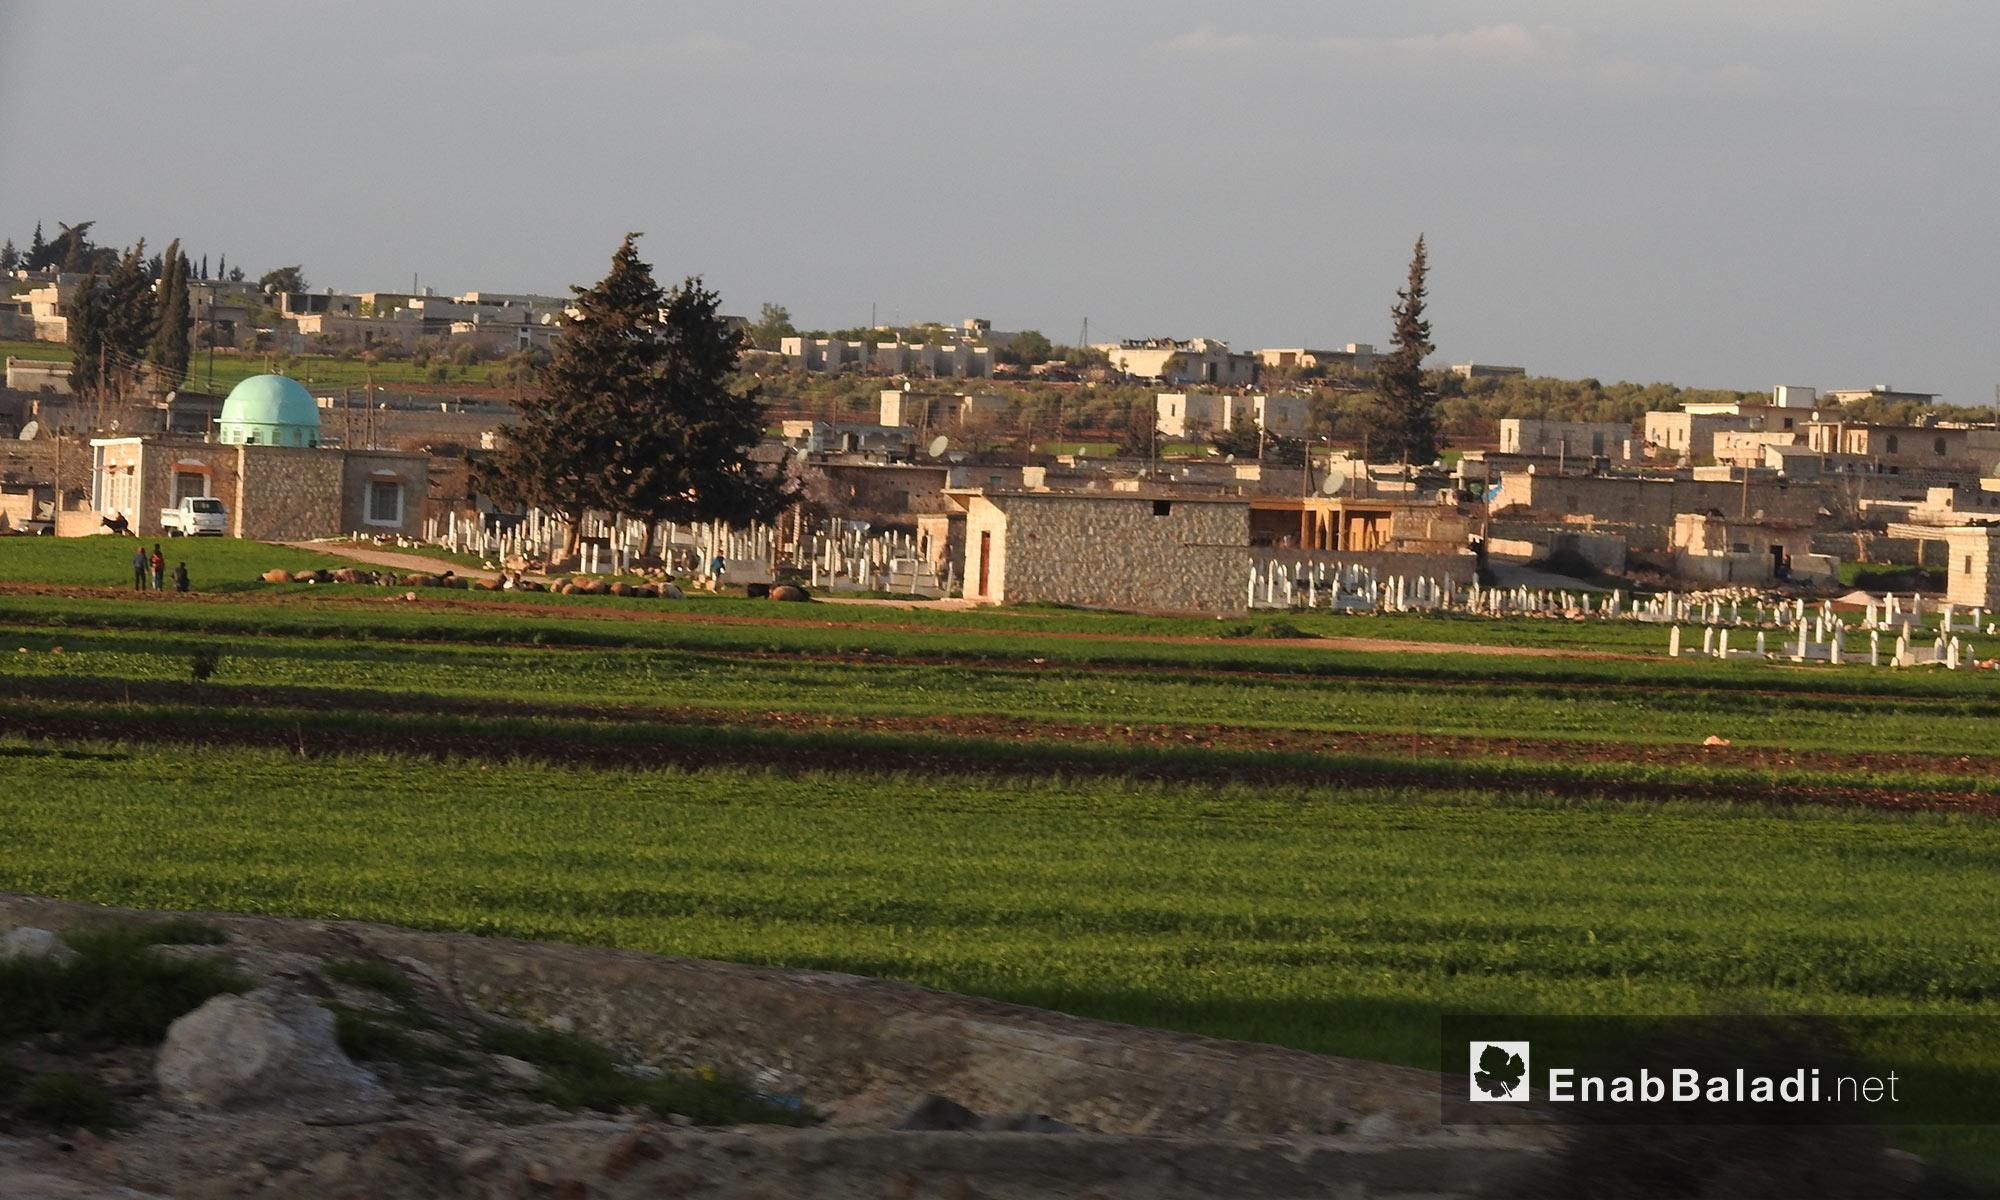 مقبرة ومنازل على الطريق بين قرى جلبل ومريمين وأناب في عفرين - 11 آذار 2018 (عنب بلدي)